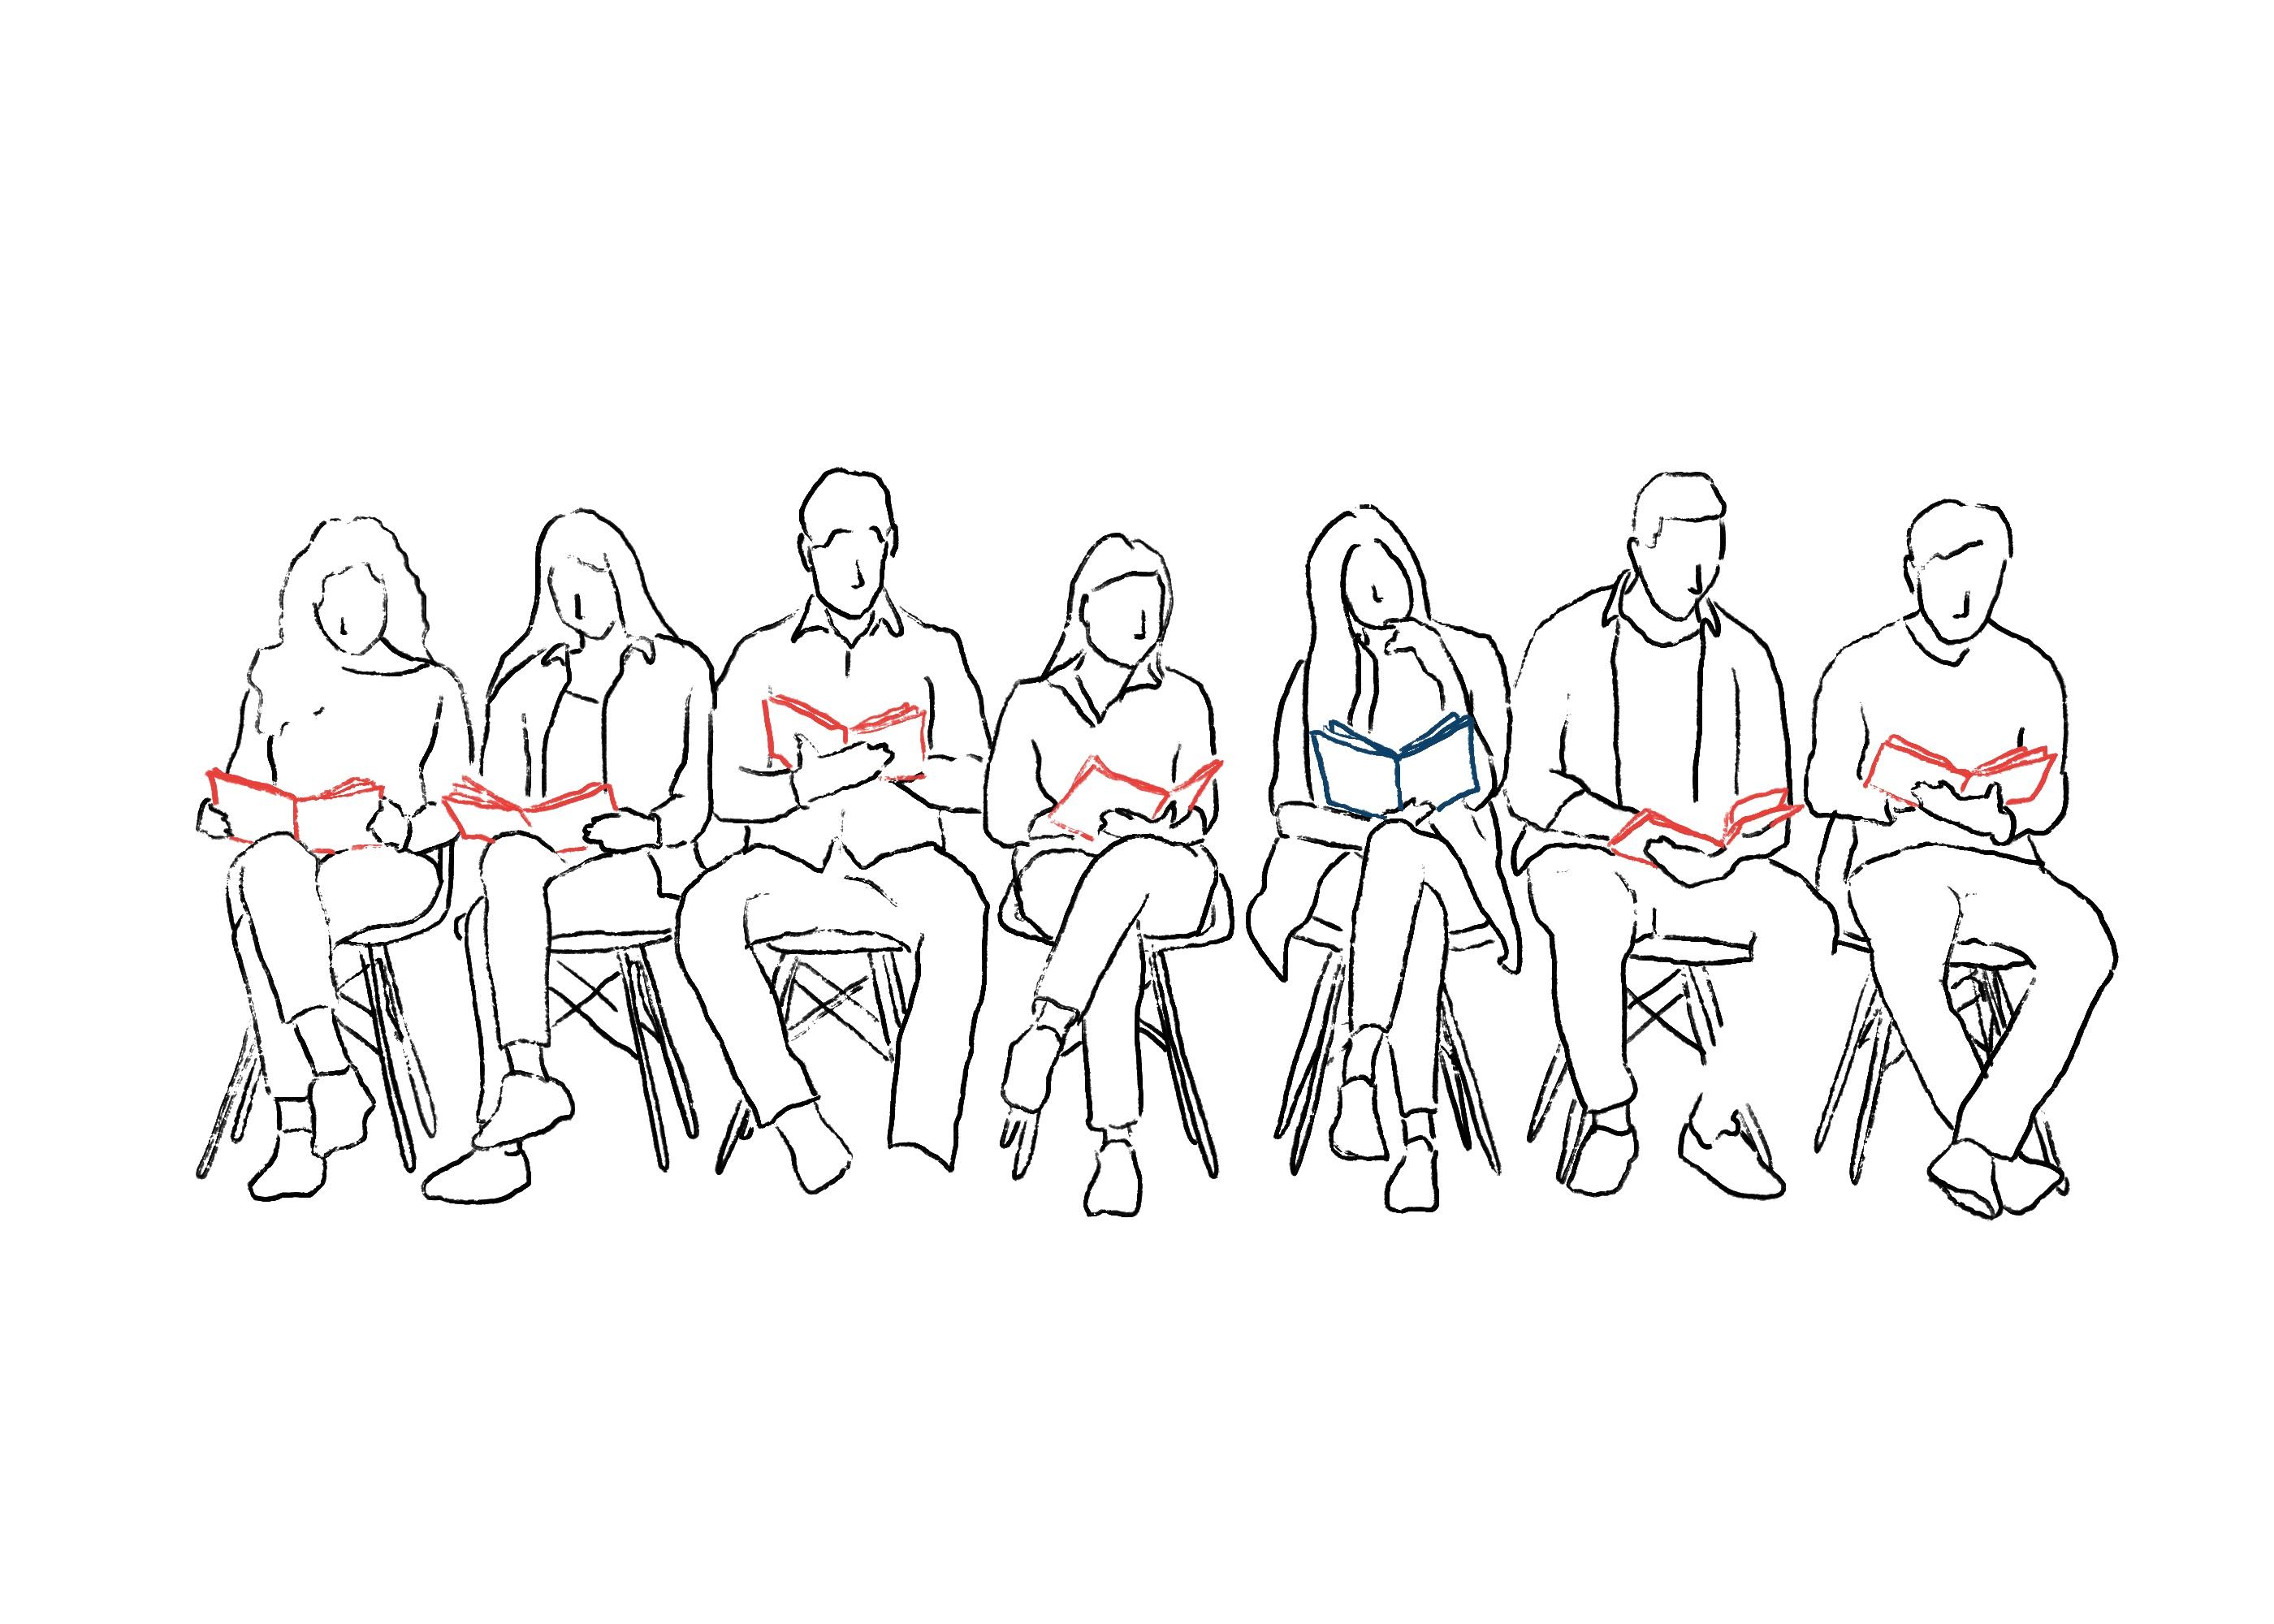 Die meisten Menschen lesen Massenmedien, einige wenige alternative Medien